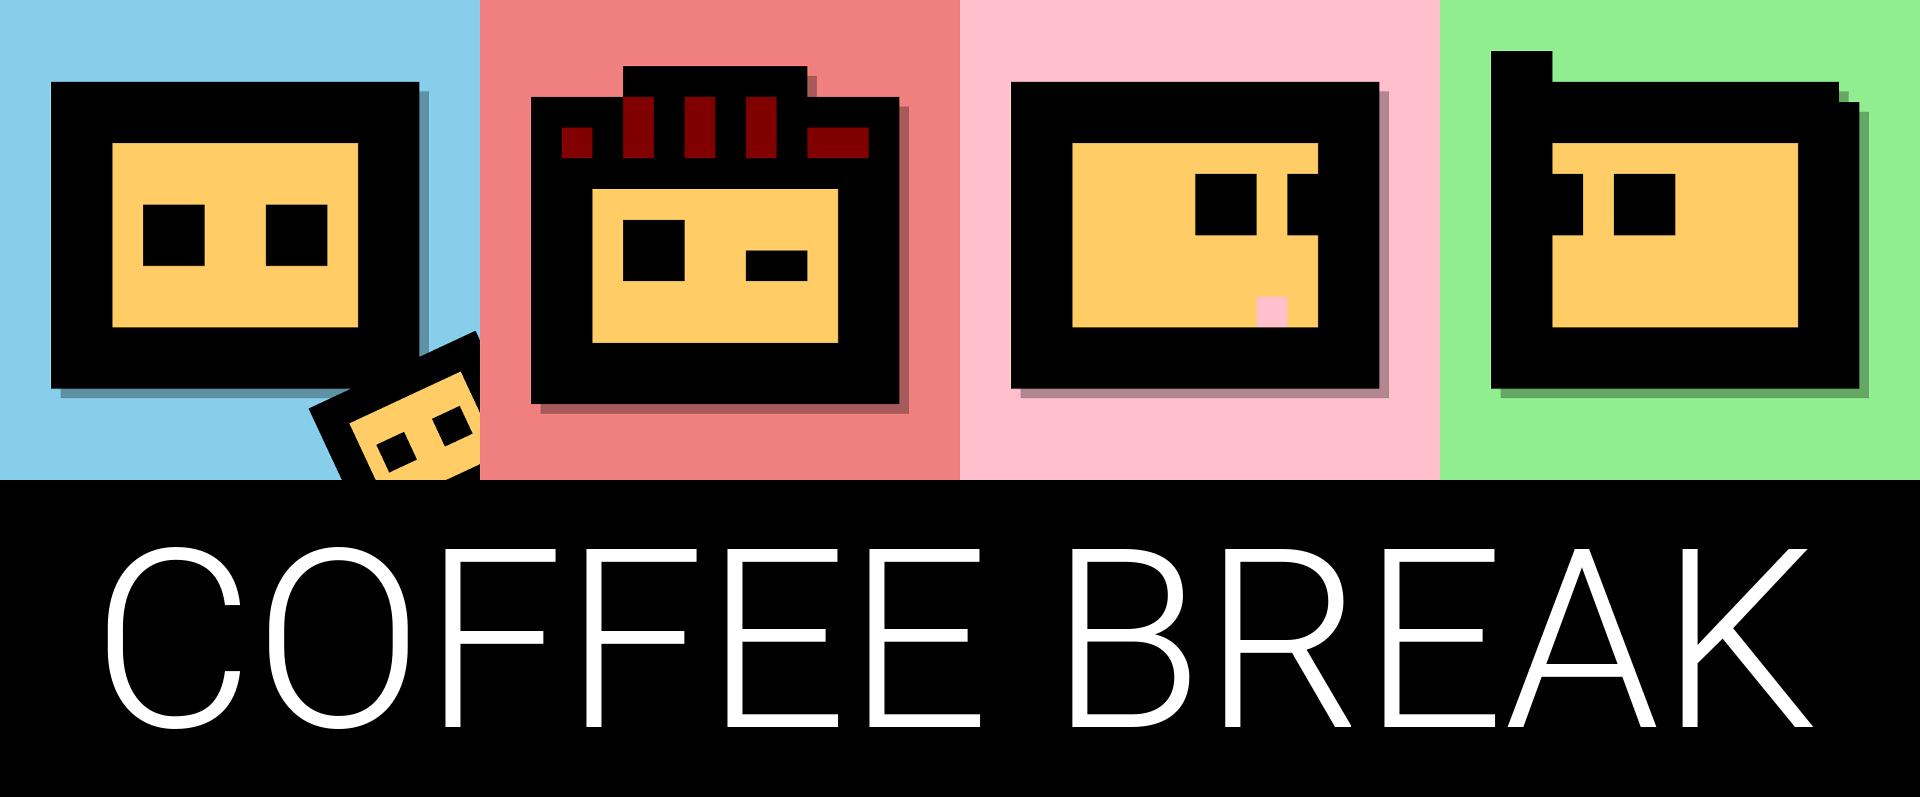 BRB. On a coffee break.